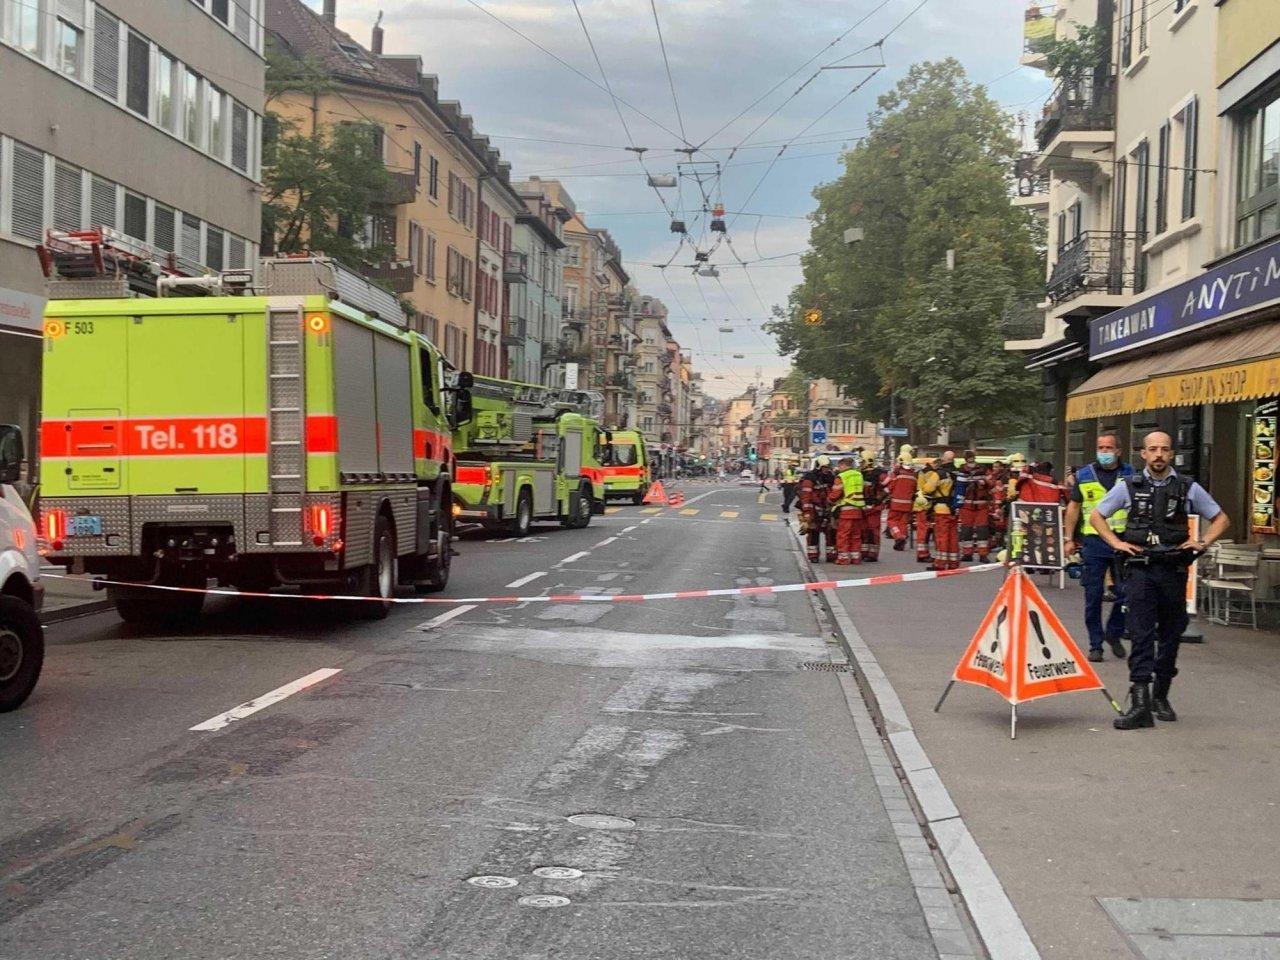 pompieri-in-azione-a-zurigo